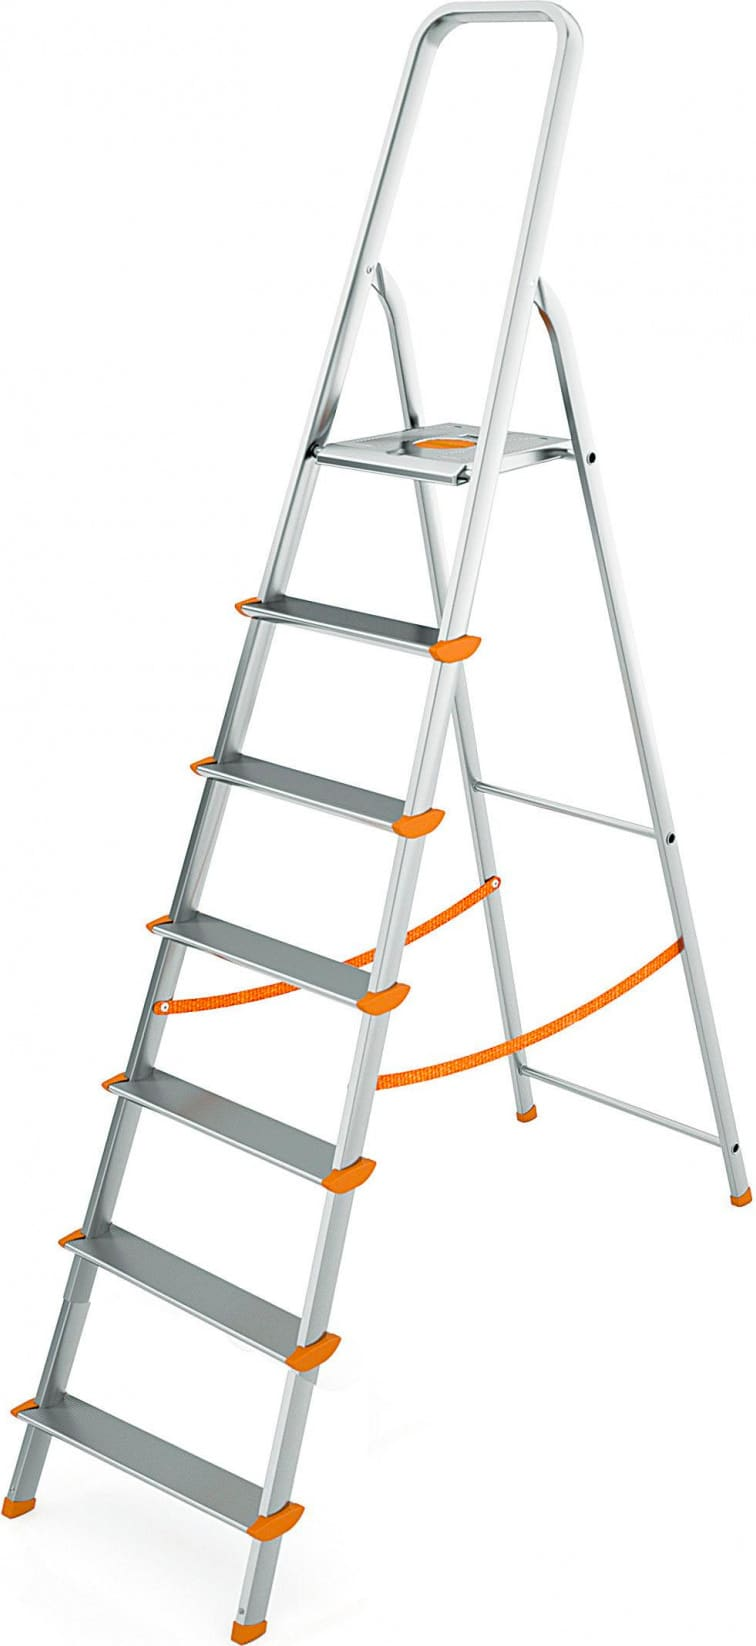 Altezza Gradini Scala dettagli su scala alluminio 8 gradini colombo altezza max 174 cm 150 kg  s108a08w aluminium